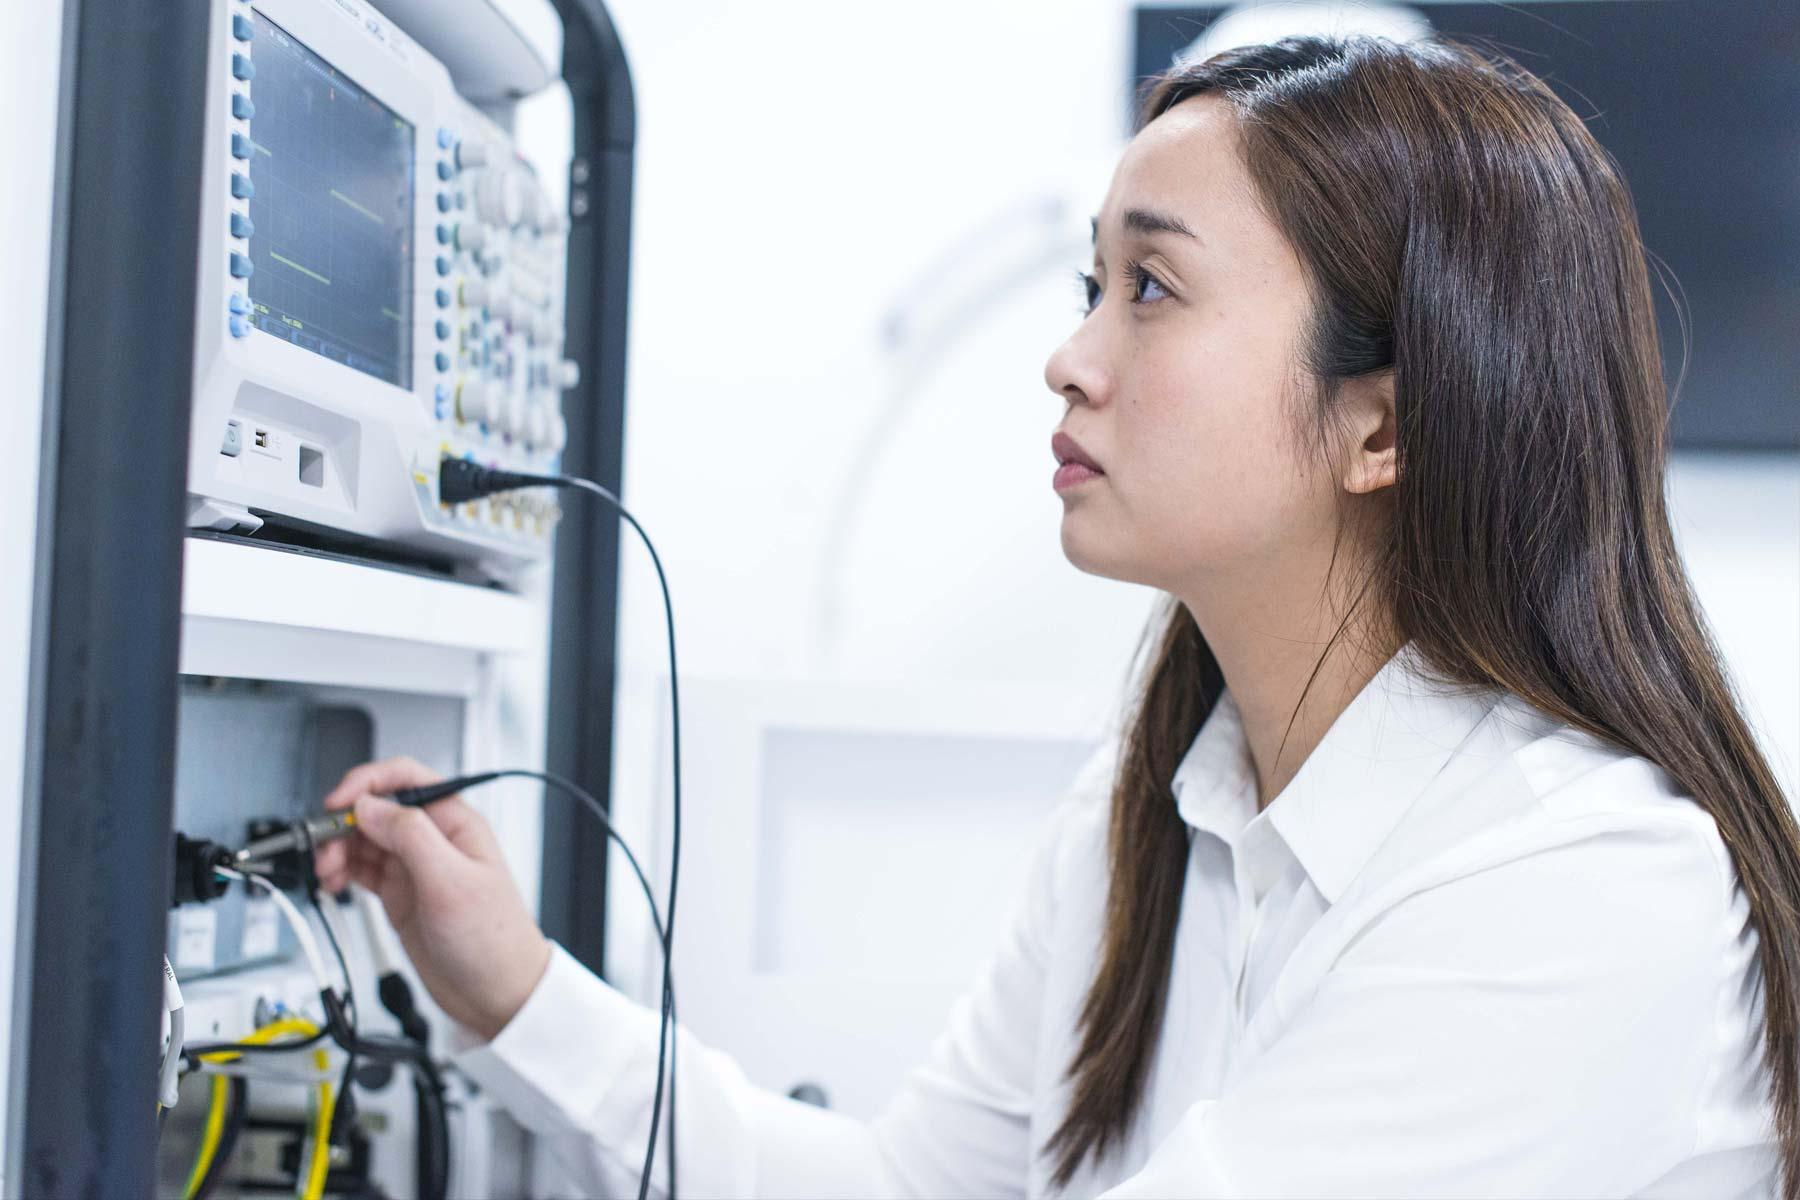 about-auris-medica-robotics-company-1800x1200